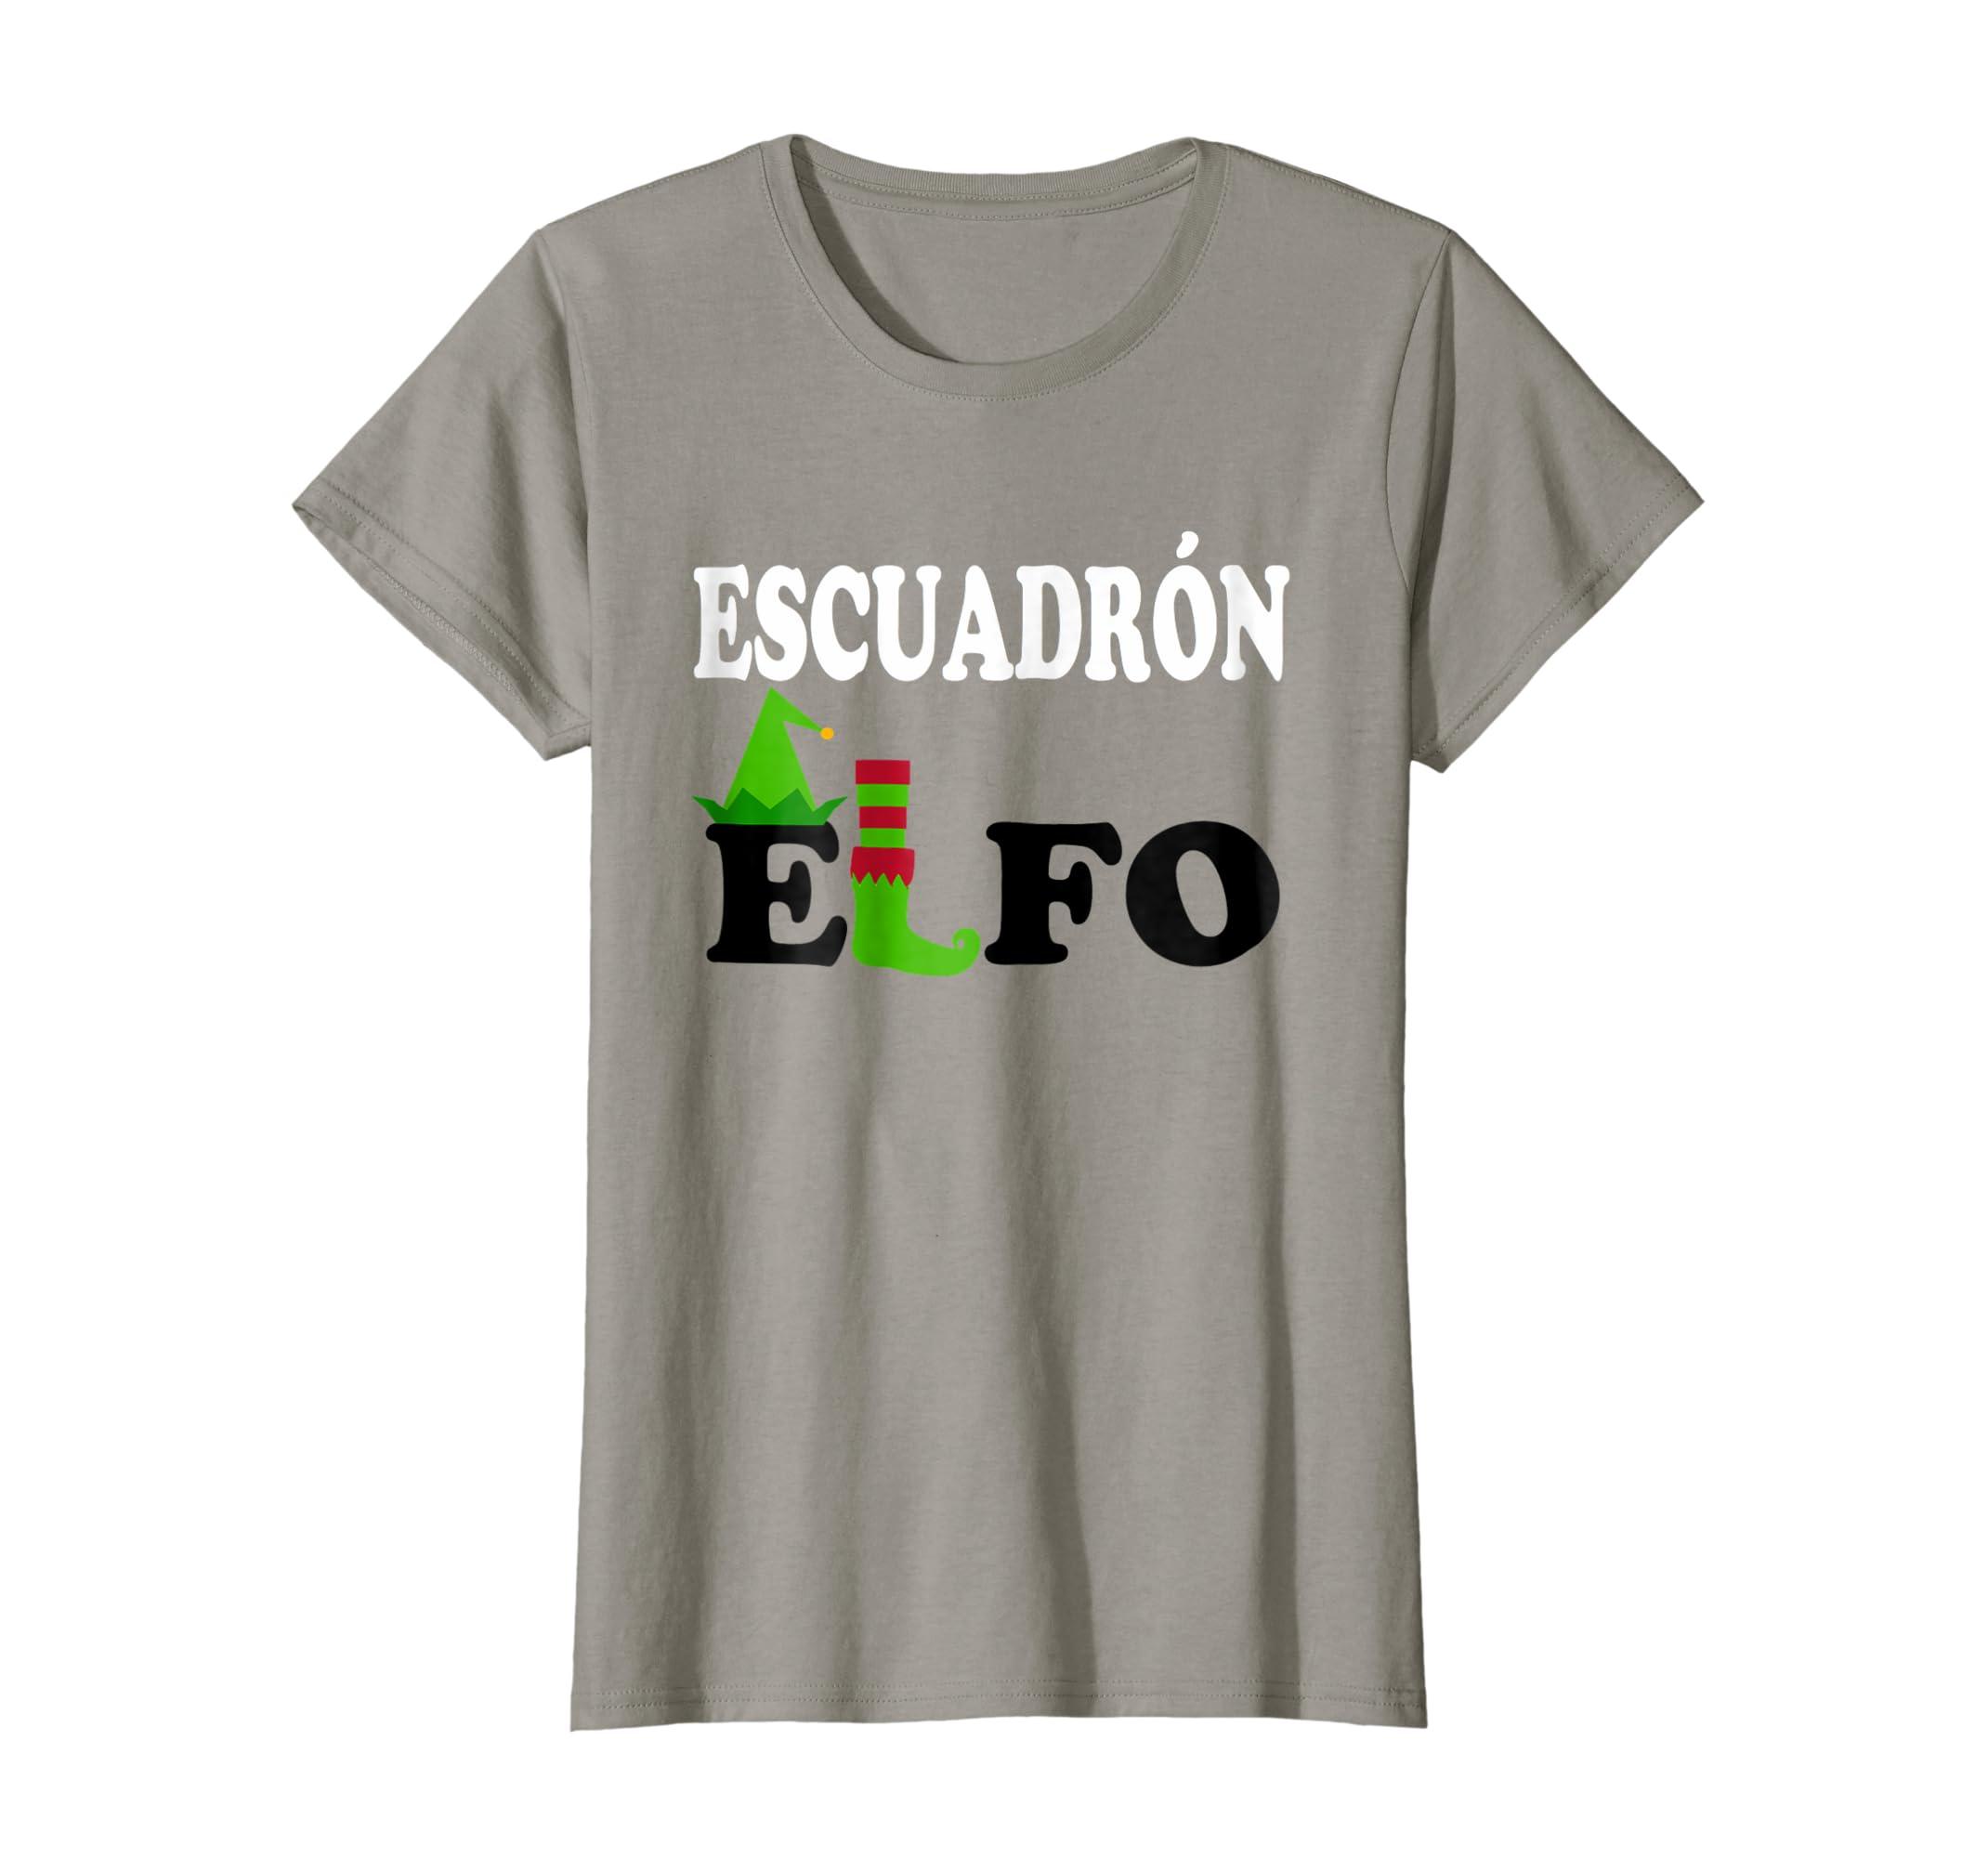 Amazon.com: Familia de Navidad a juego camisetas Holiday Group Elfo: Clothing